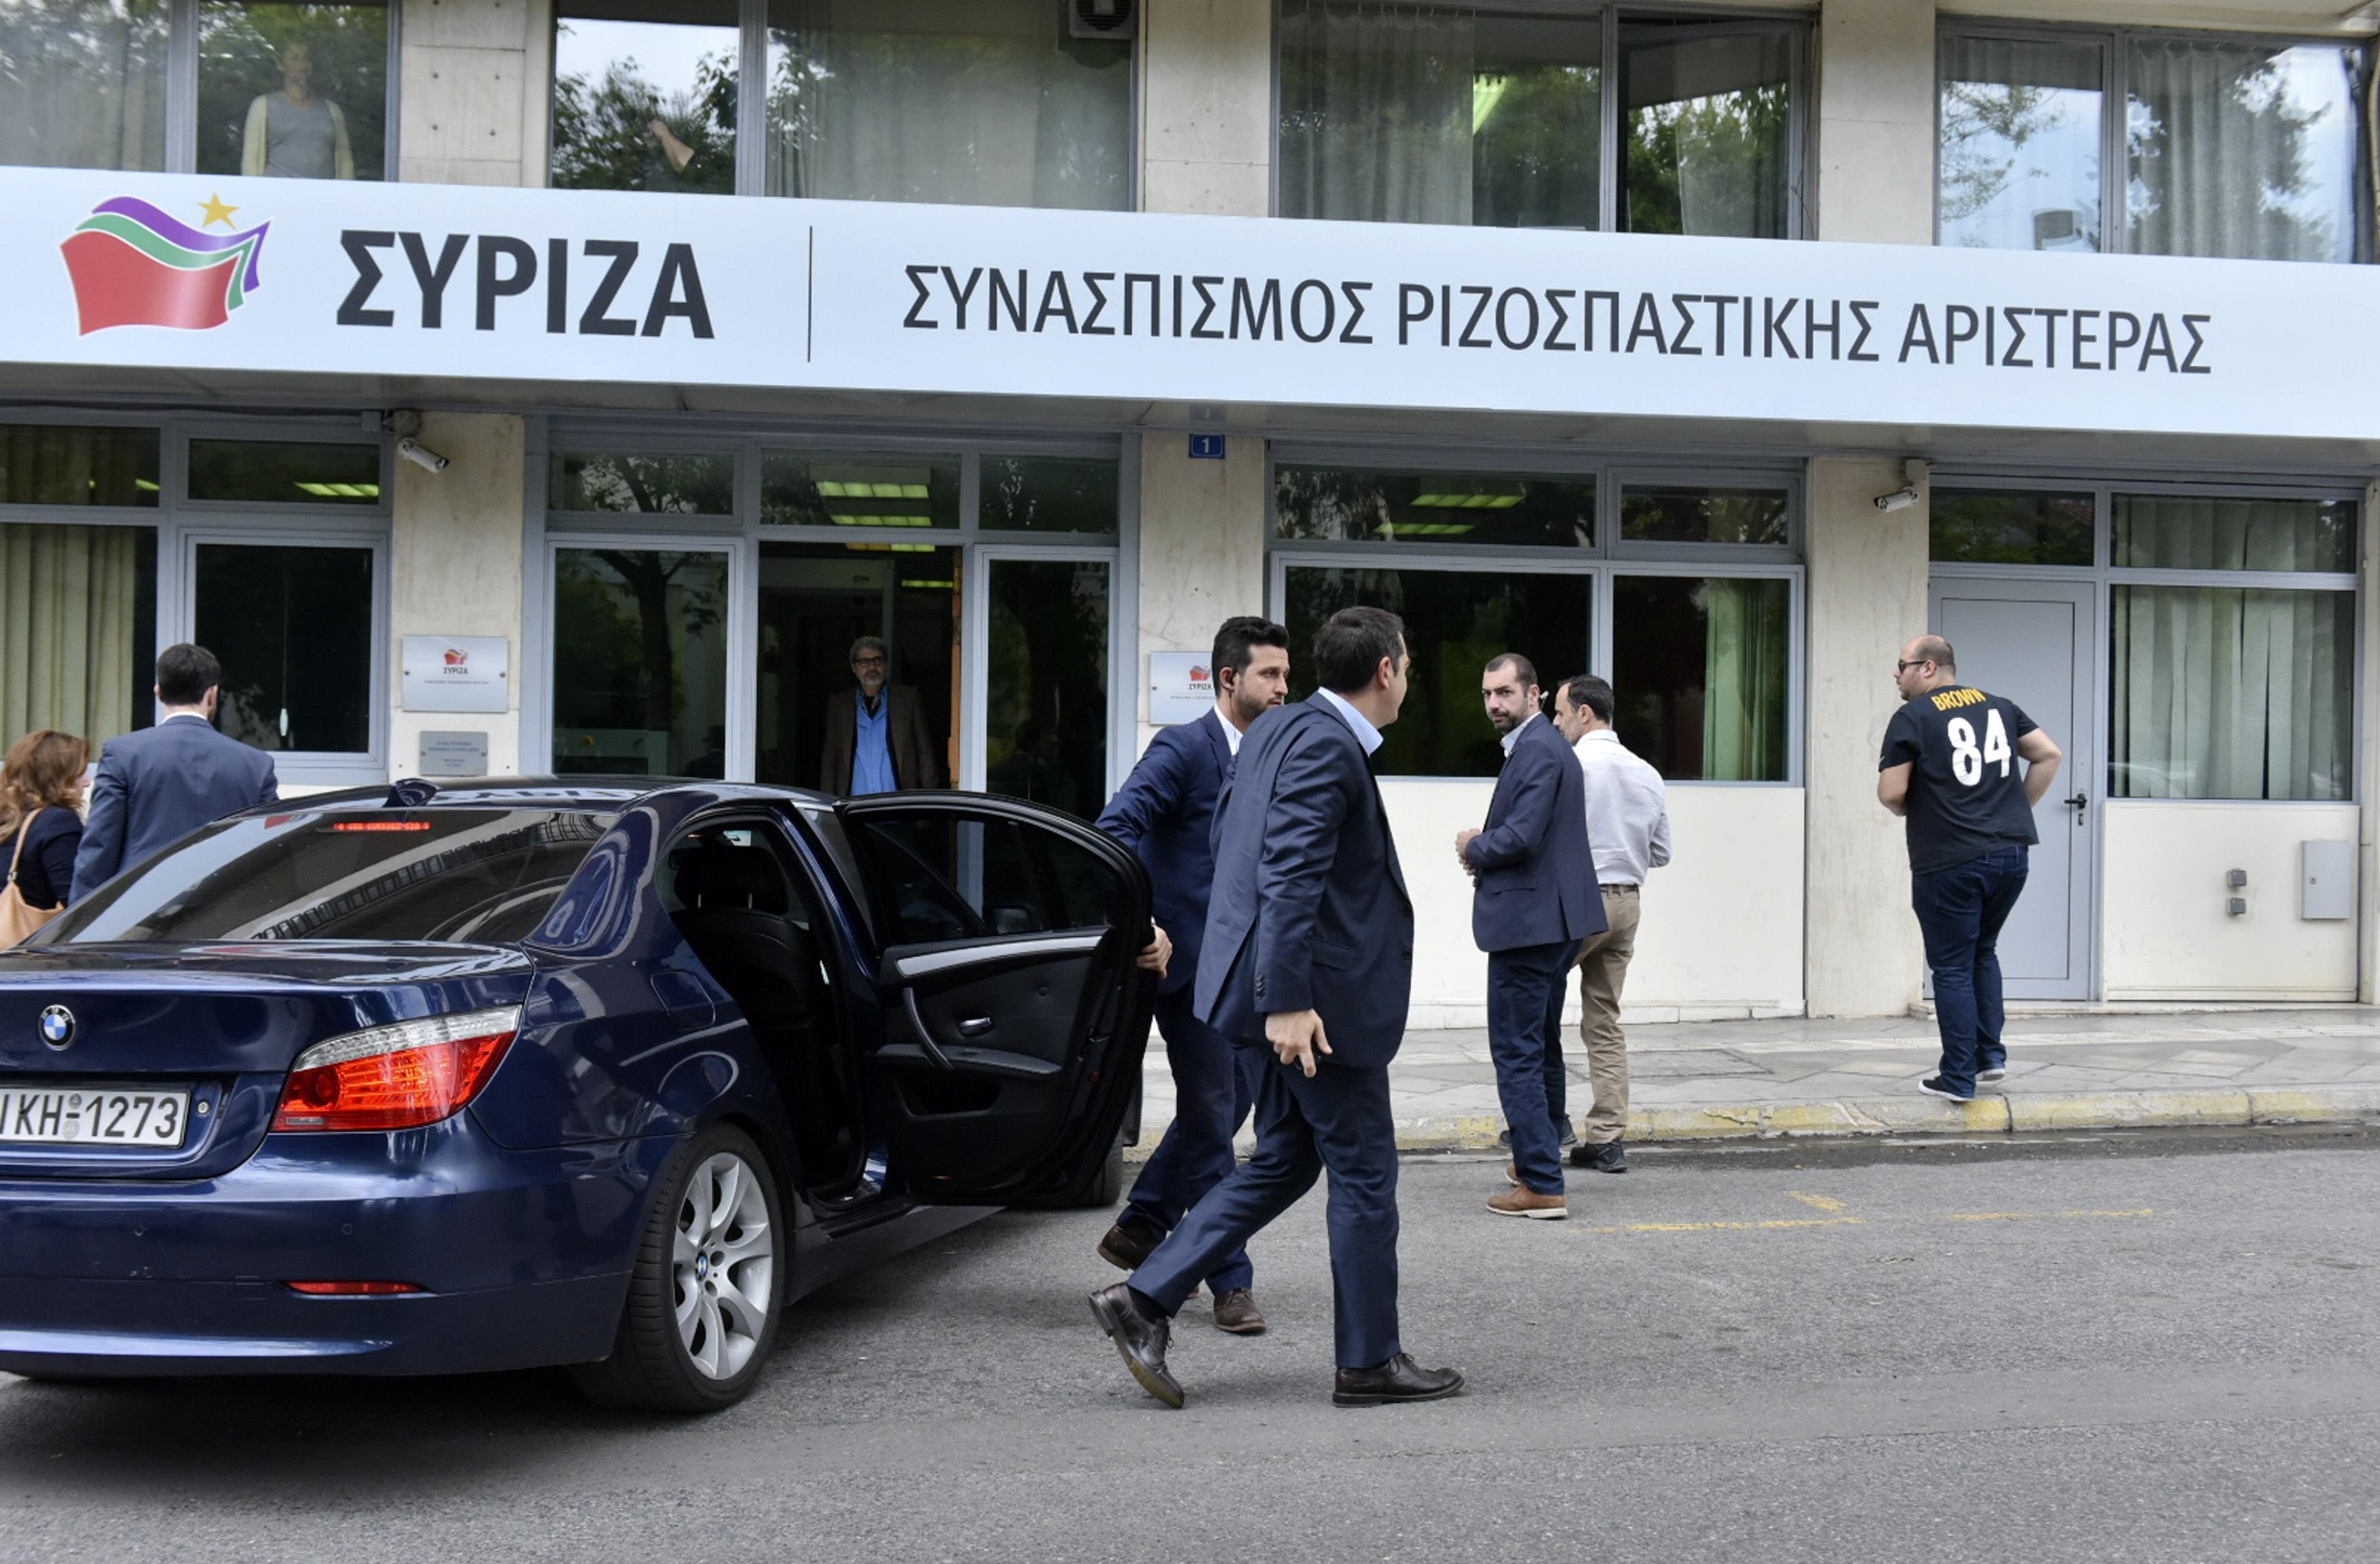 ΣΥΡΙΖΑ: Η αναγνώριση Γκουαϊδό αποδυναμώνει το ρόλο της Ελλάδας στη διεθνή σκηνή!